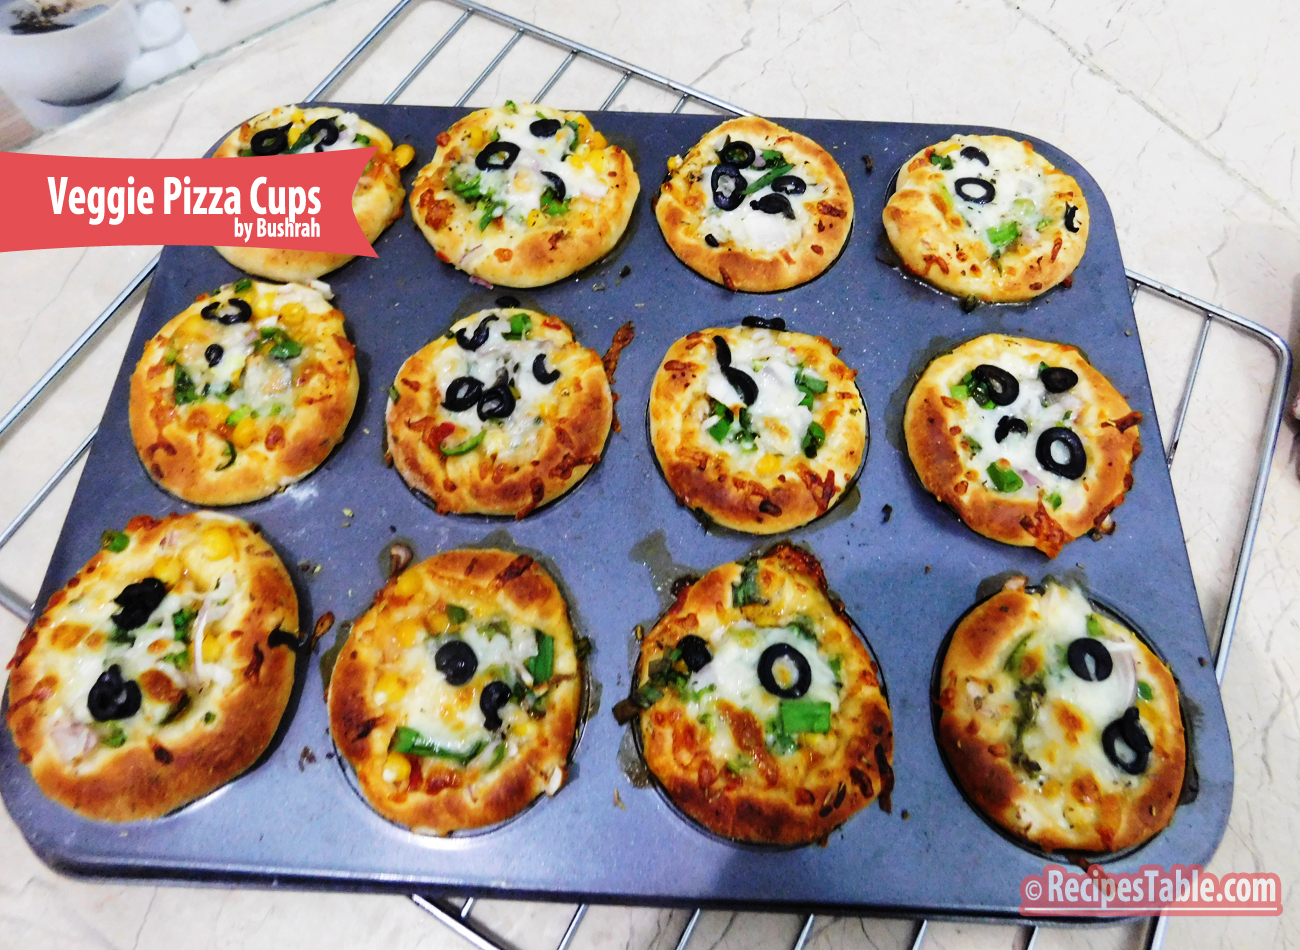 Veggie Pizza Cups recipe